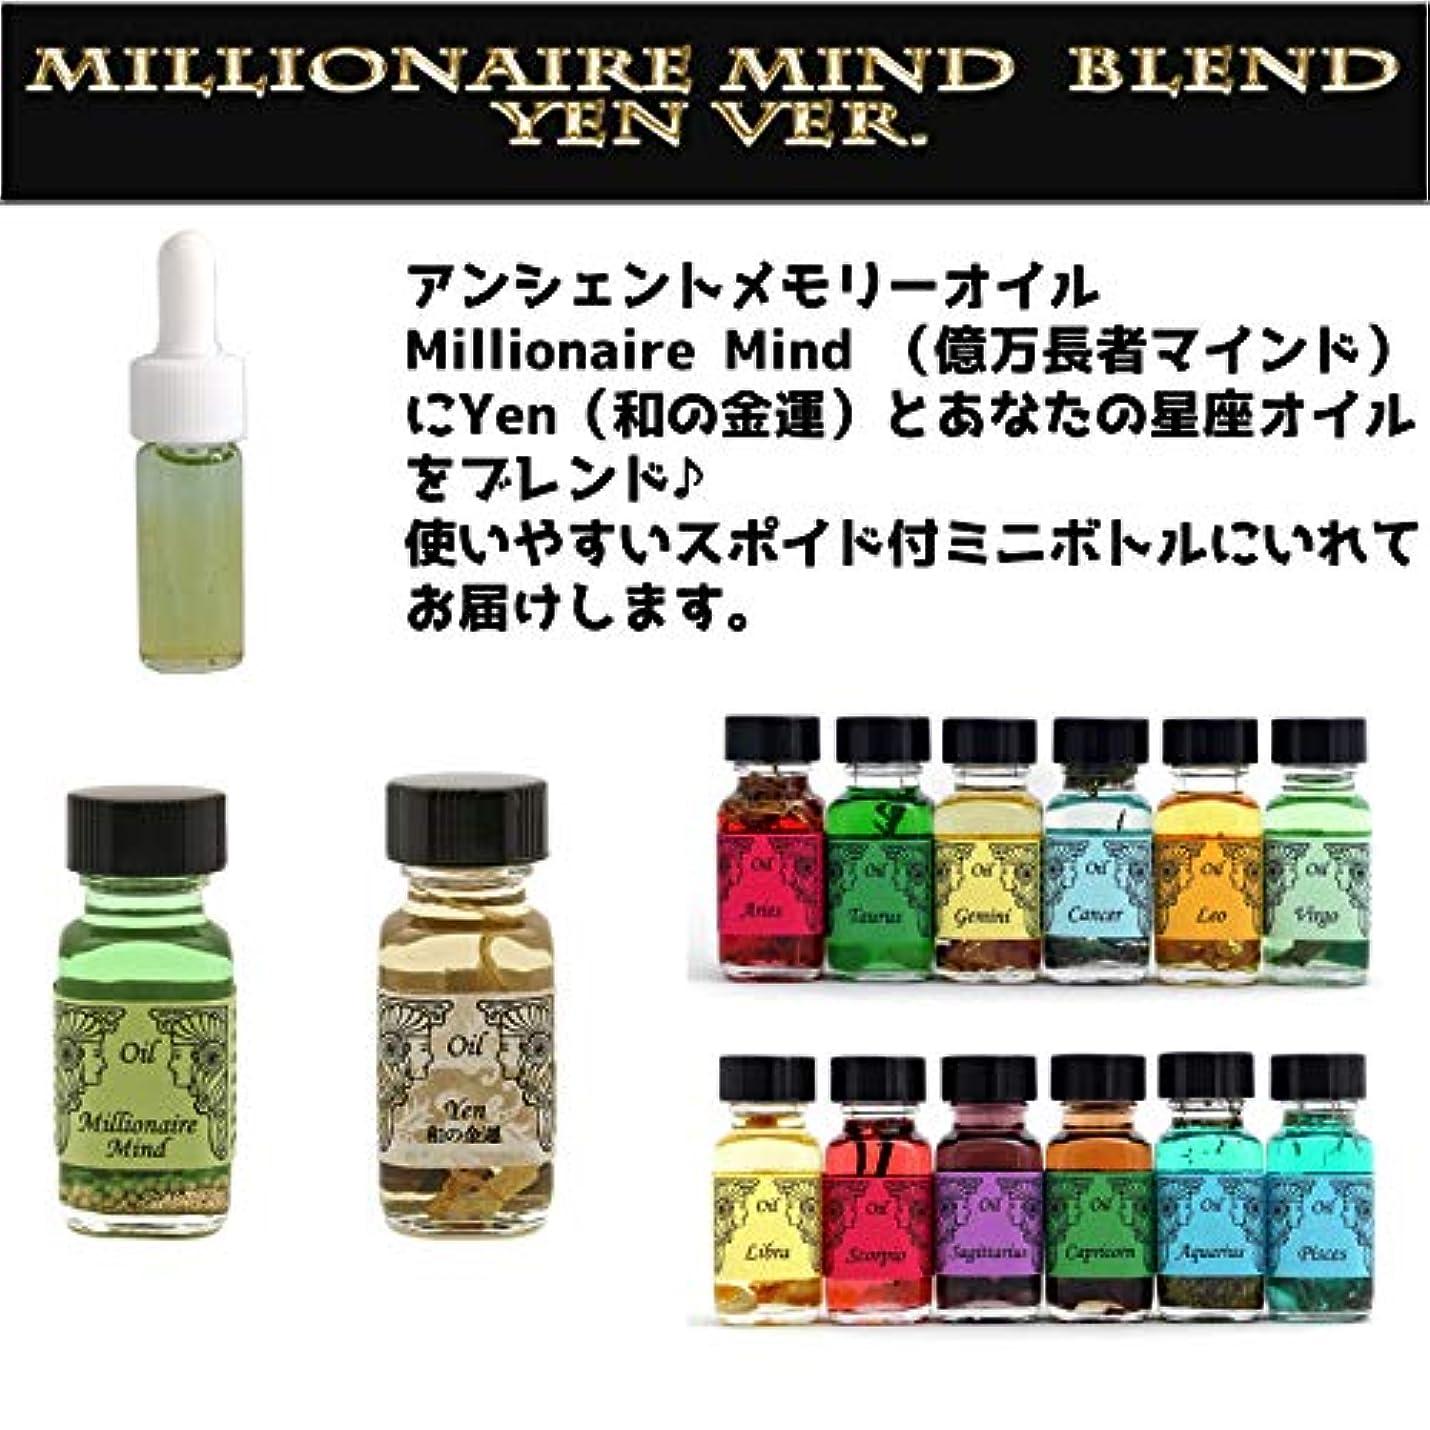 平等マスク抗議アンシェントメモリーオイル Millionaire Mind 億万長者マインド ブレンド【Yen 和の金運&ふたご座】